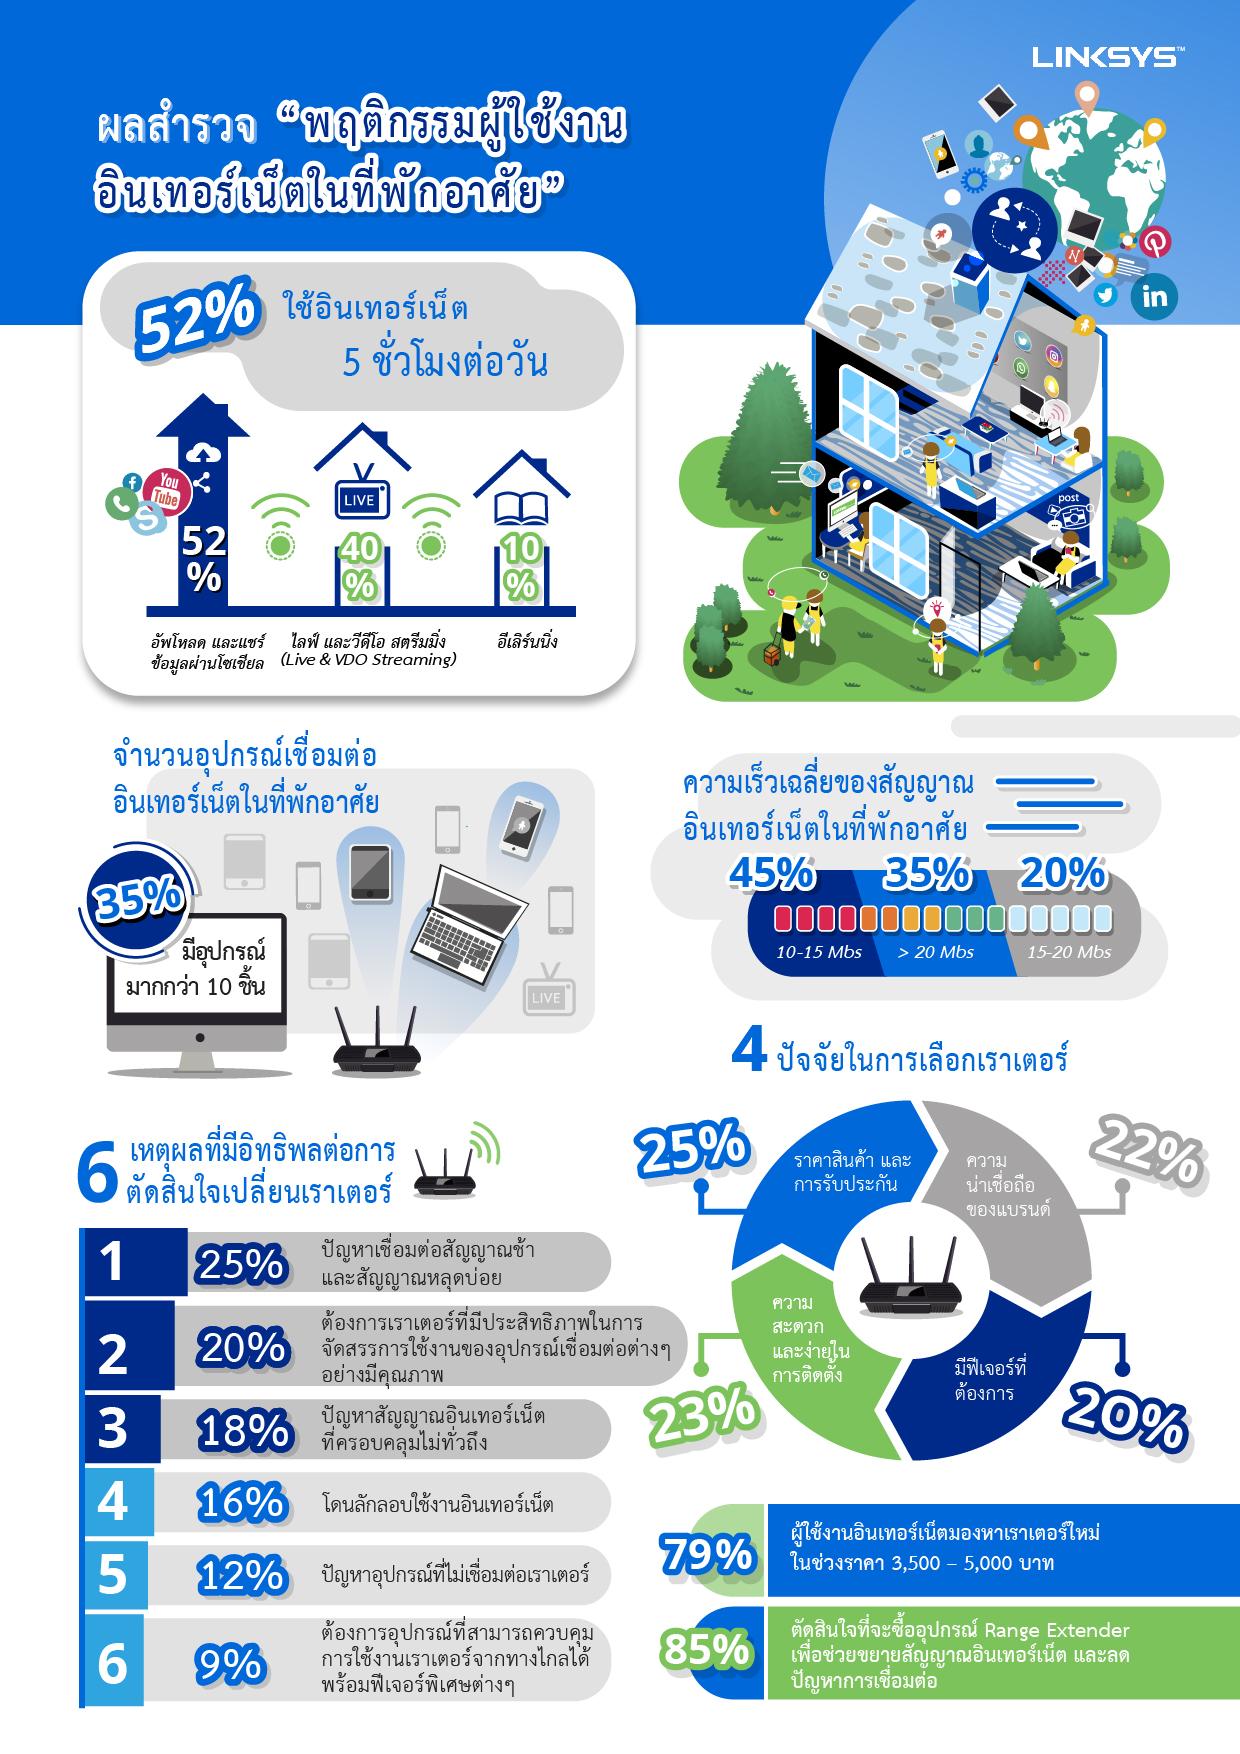 th version survey infographic  final ลิงค์ซิสเผยผลการสำรวจในประเทศไทย ผู้ใช้อินเทอร์เน็ตกว่า 52% ใช้งานอินเตอร์เน็ตที่บ้านกว่า 5 ชั่วโมงต่อวัน เพื่ออัพเดตเรื่องงาน และเรื่องส่วนตัวบนโซเชียลมีเดีย